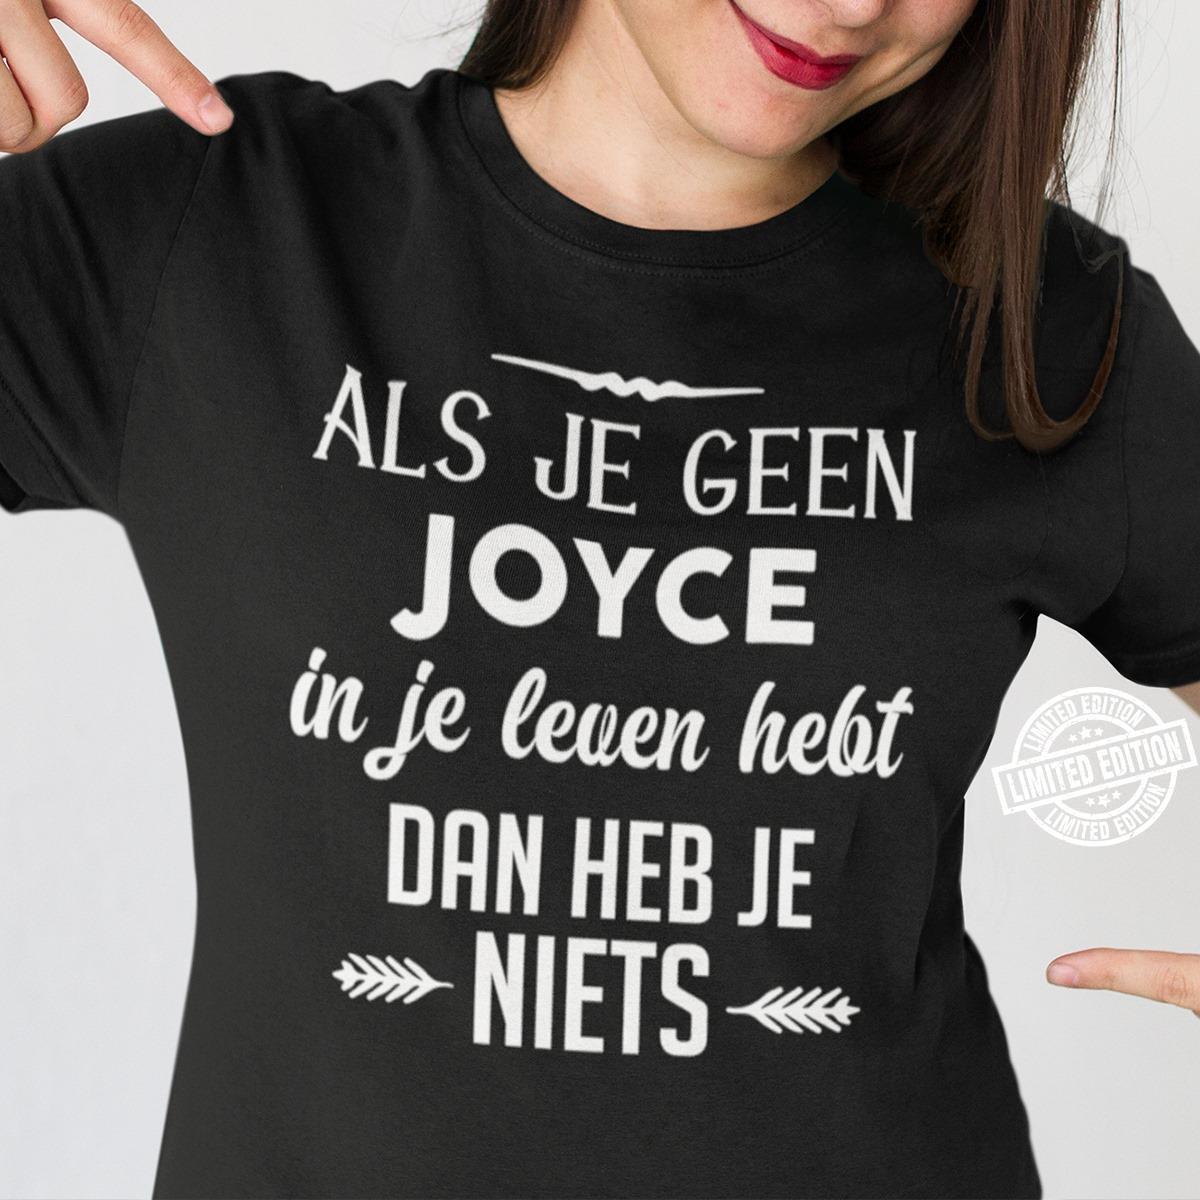 Als je geen joyce in je leven hebt dan heb je niets shirt